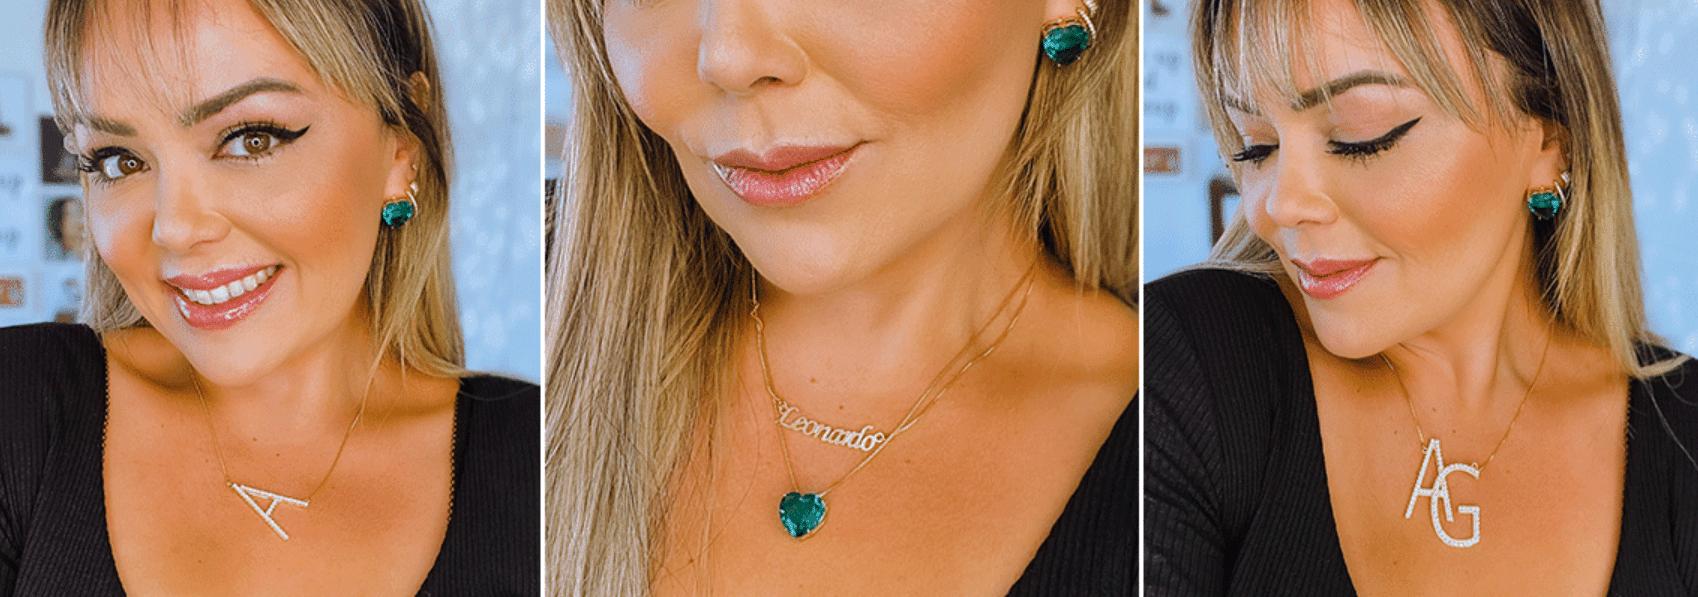 Três fotos de Andreza Goulart usando camiseta preta e joias personalizadas no formato de letras